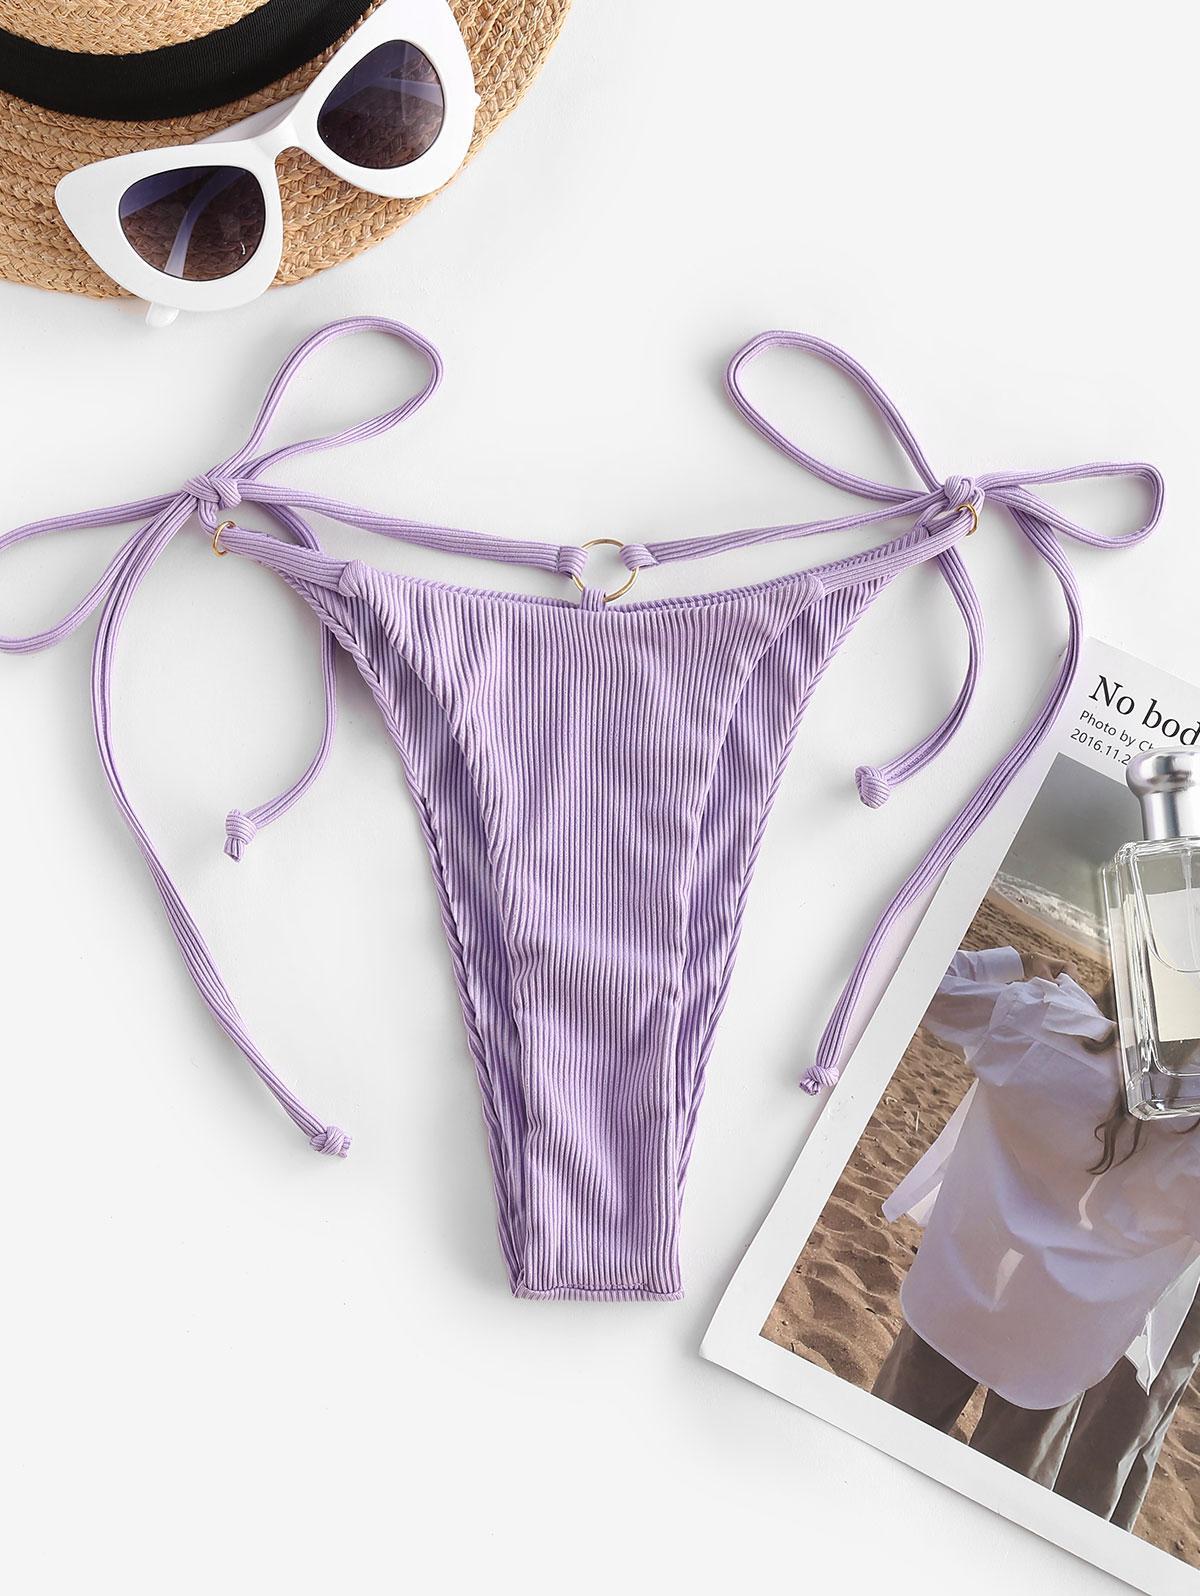 ZAFUL Side Tie O Ring High Cut Bikini Bottom